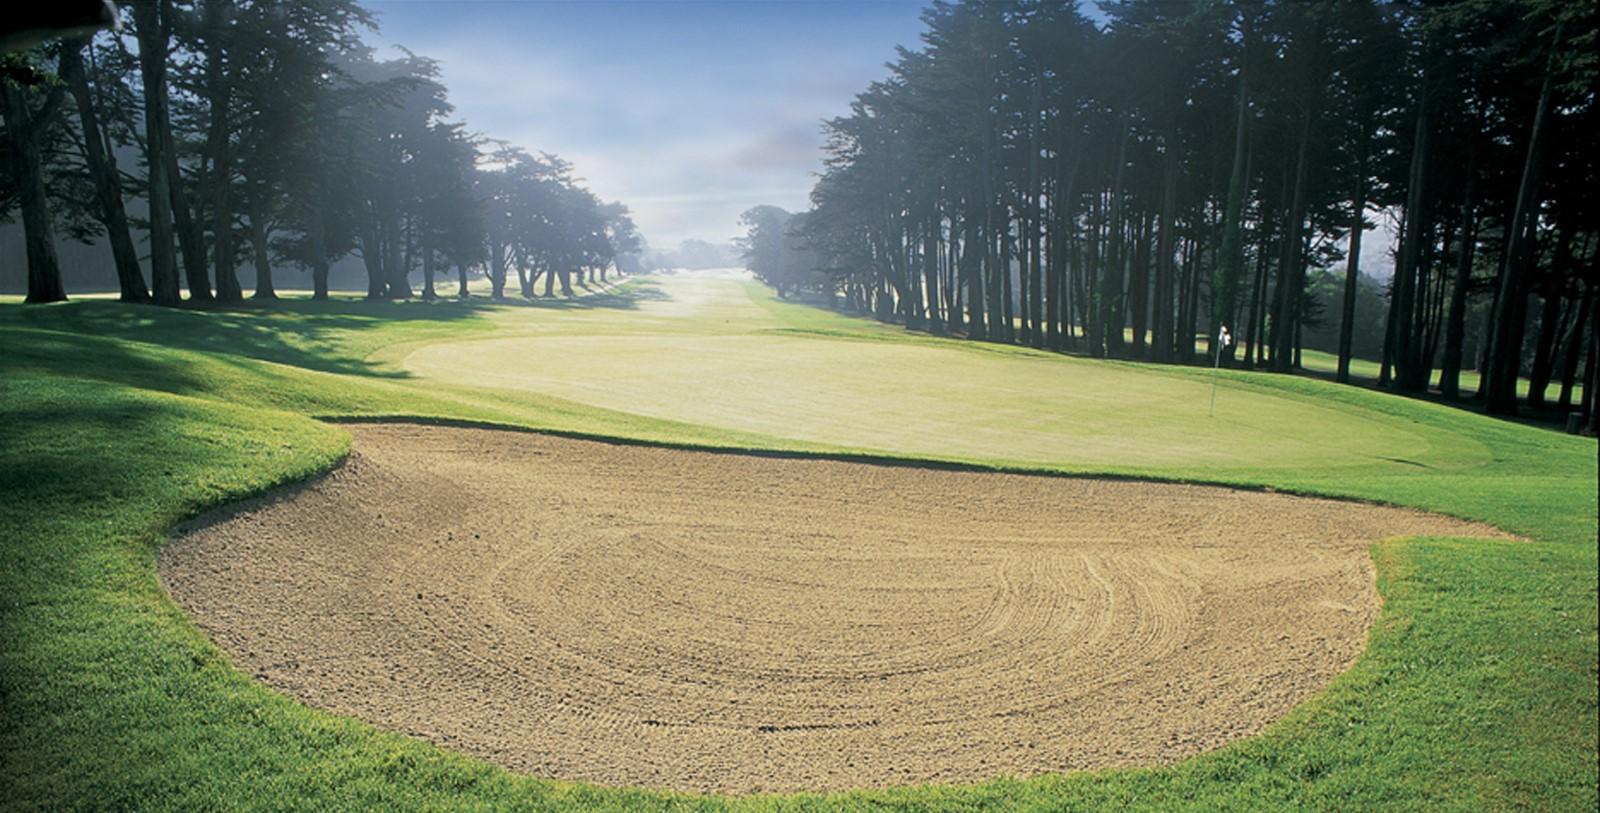 Image of Presidio Golf Course